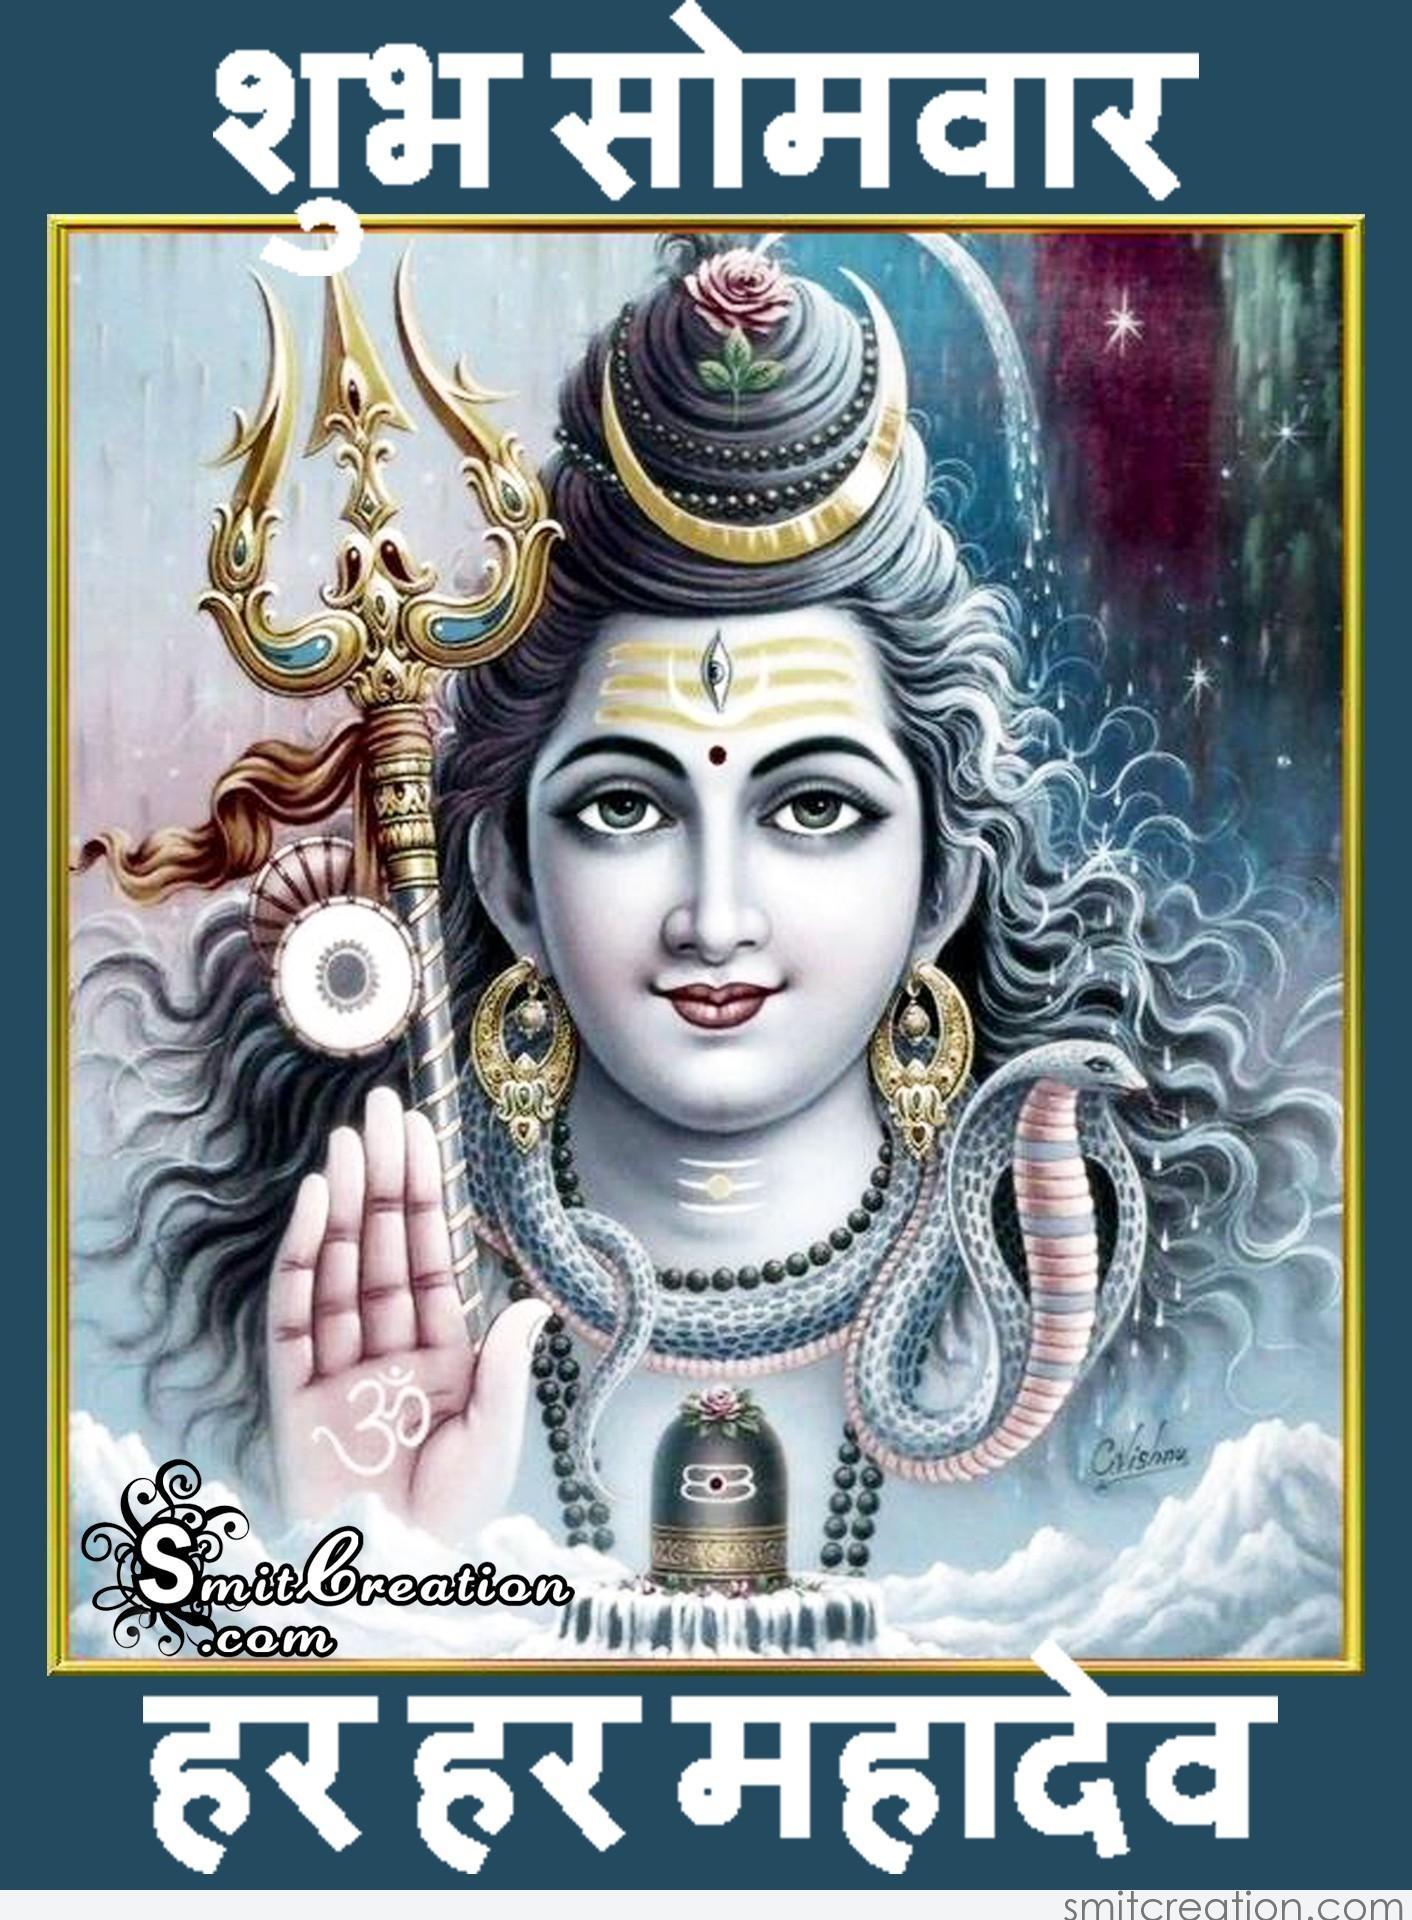 Shubh Somvar Har Har Mahadev Smitcreation Com